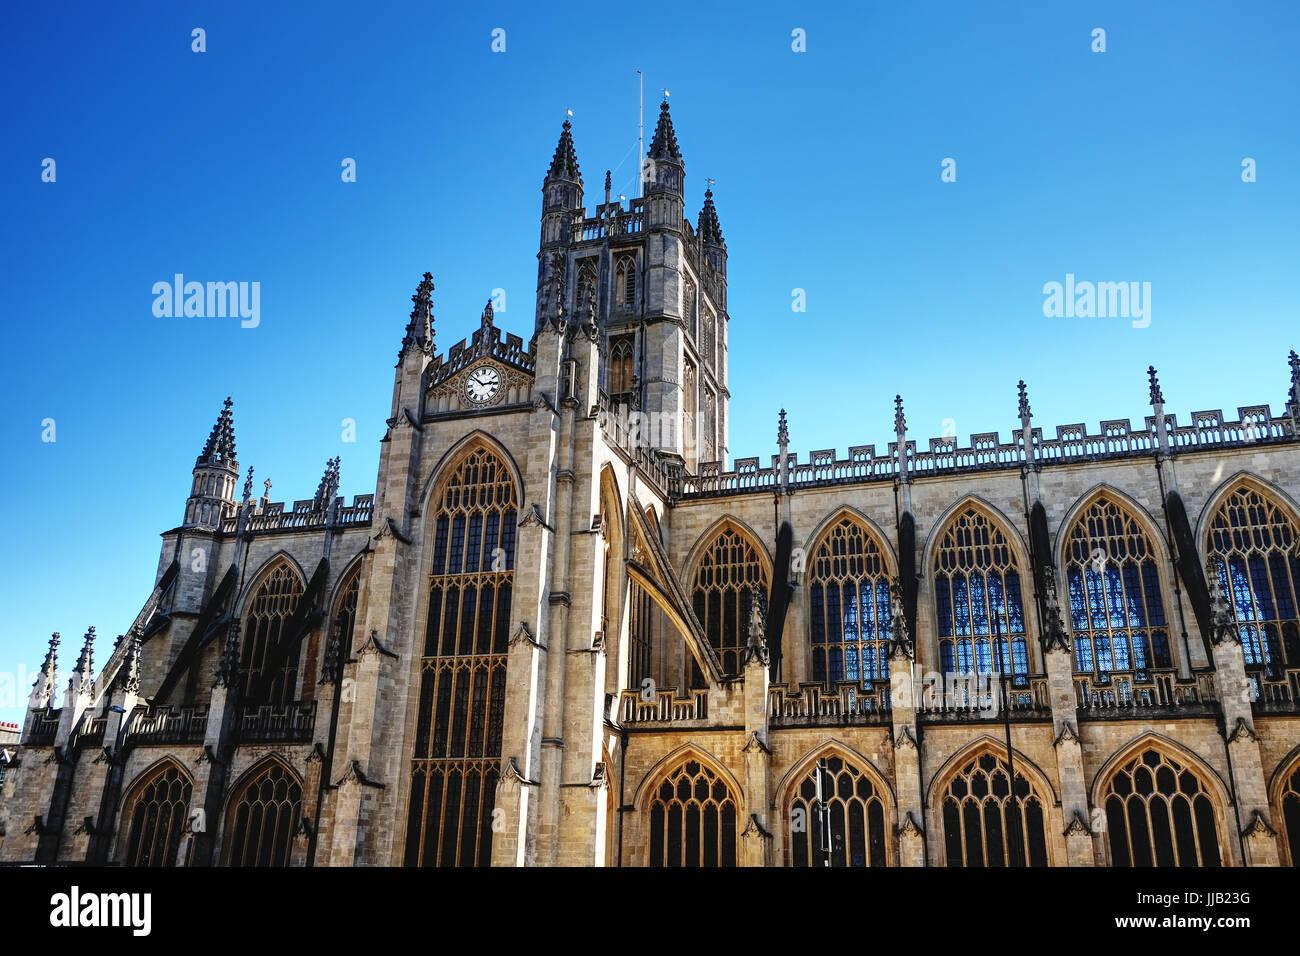 Die Abtei Kirche des Heiligen Petrus und Paulus, Bath, Somerset, UK Stockbild